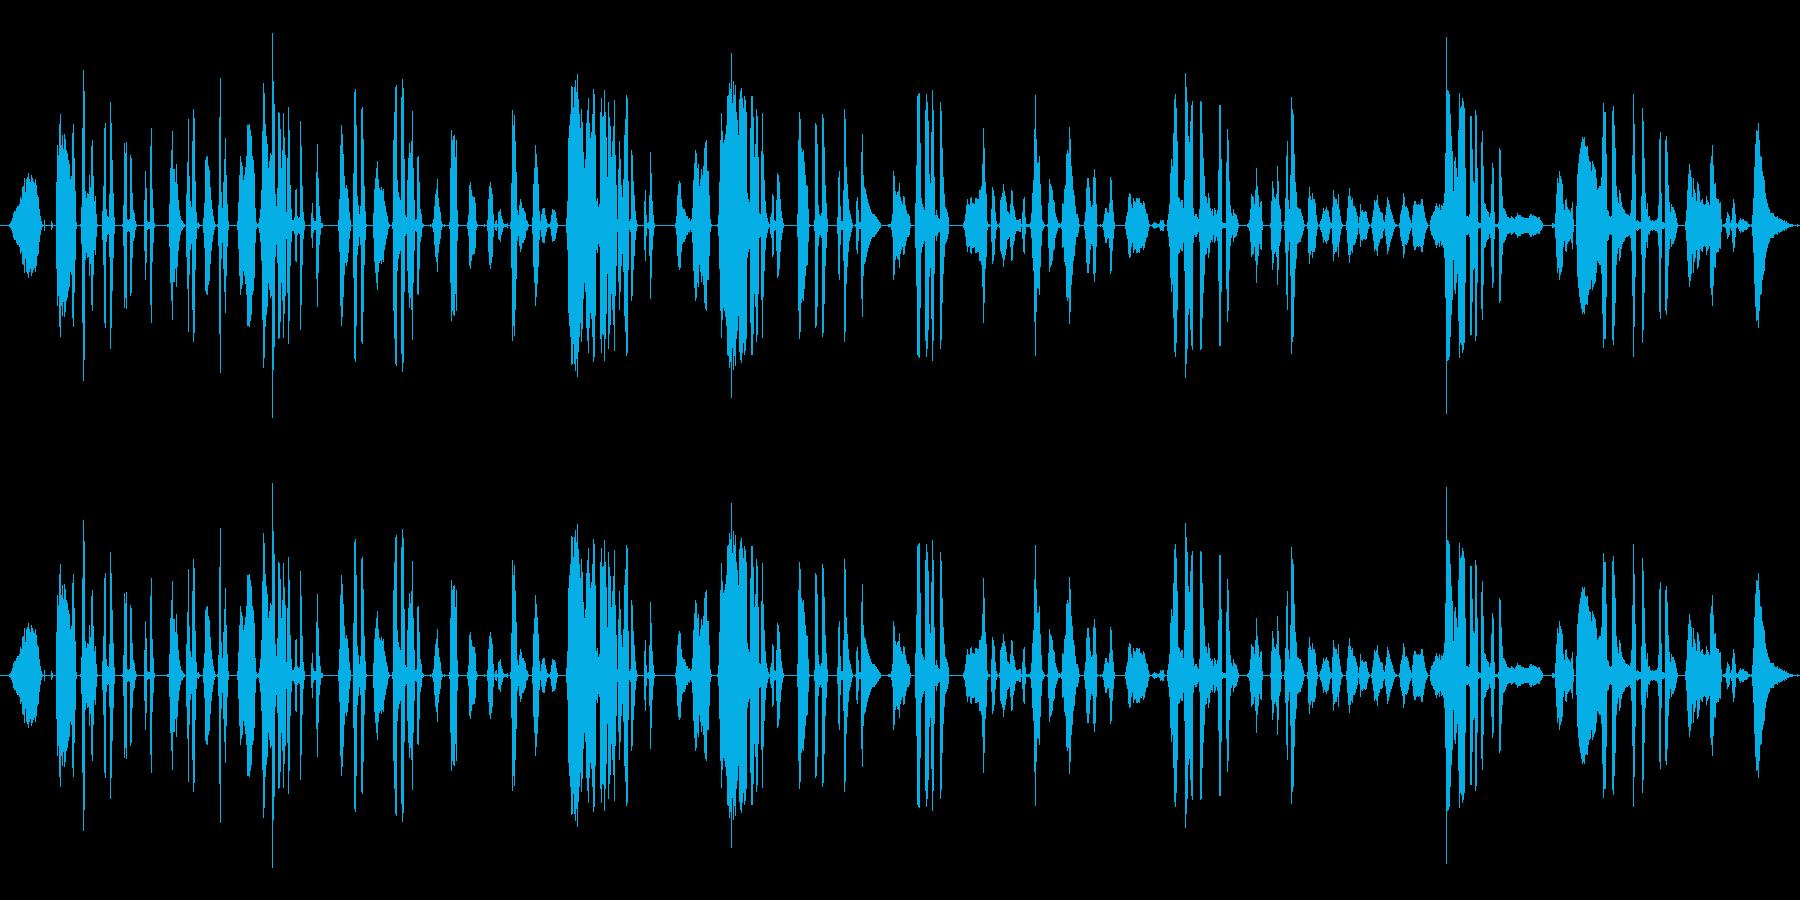 鳴き声 女性の泣き声シーケンス01の再生済みの波形